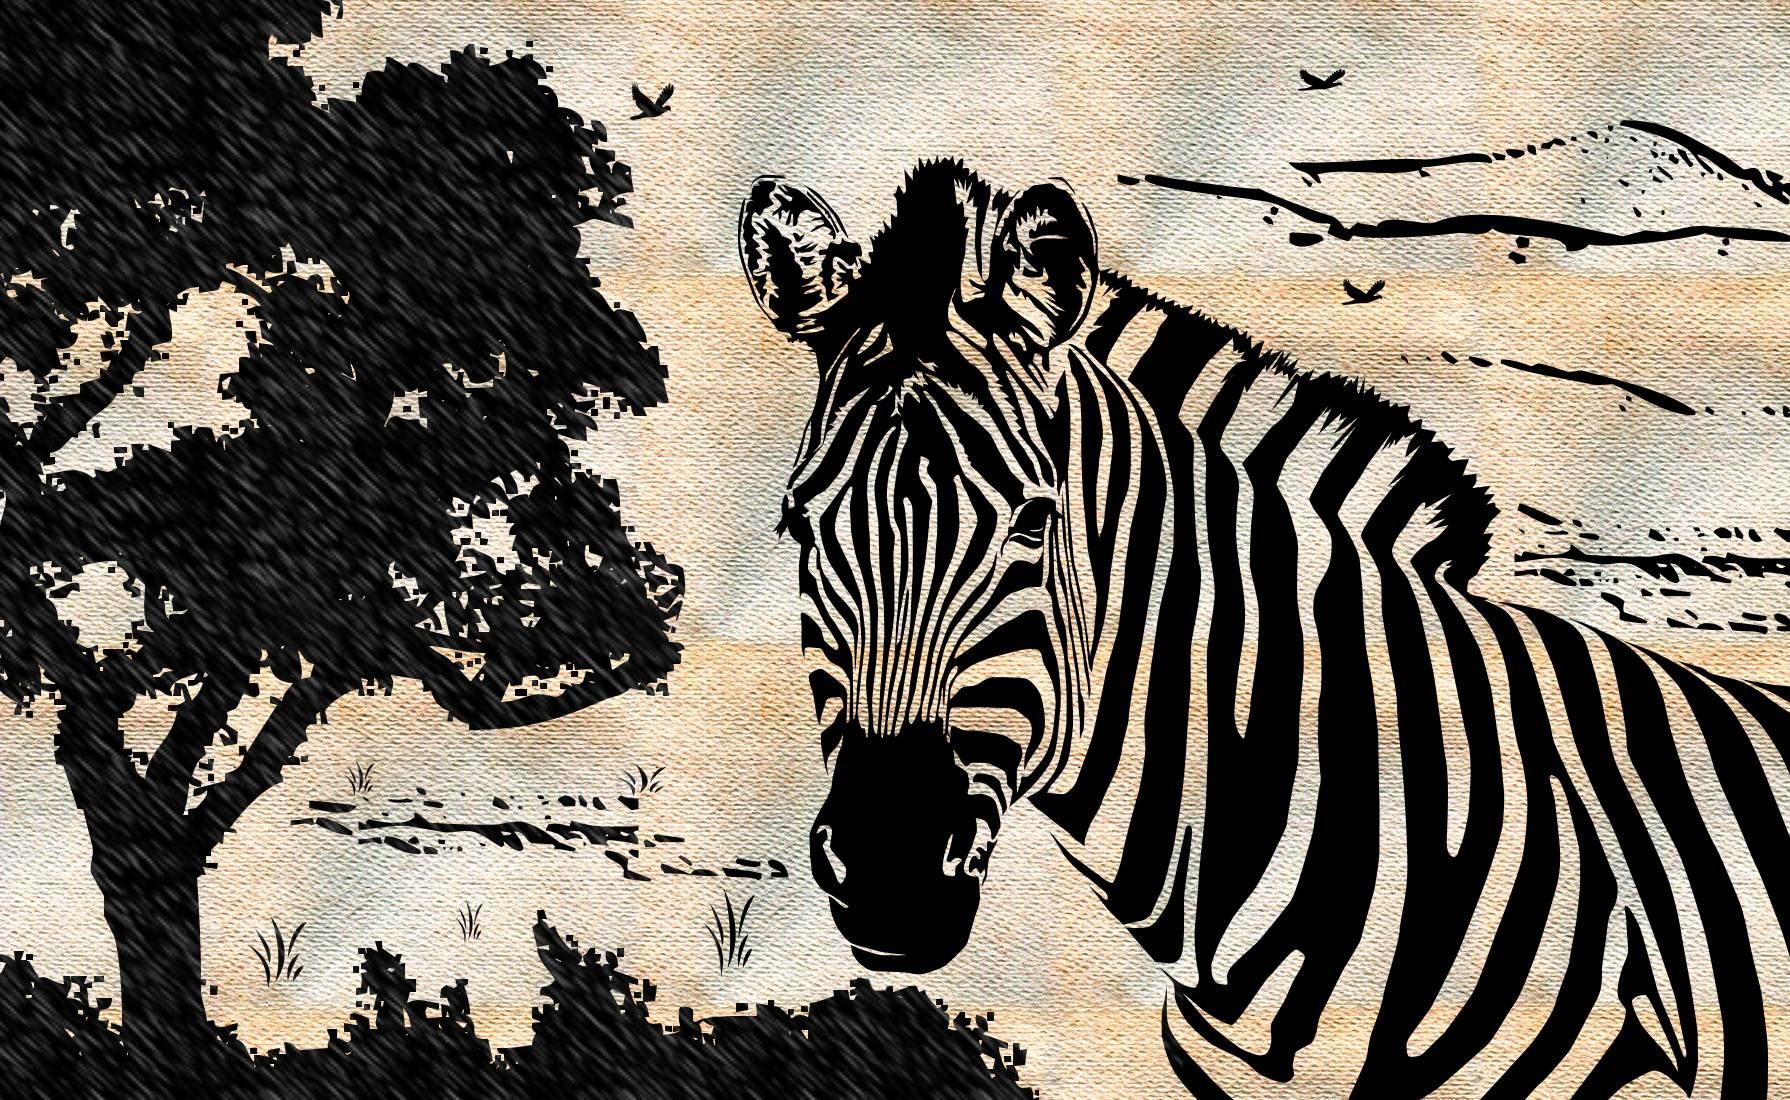 zebra drawing computer wallpapers desktop backgrounds 1790x1100